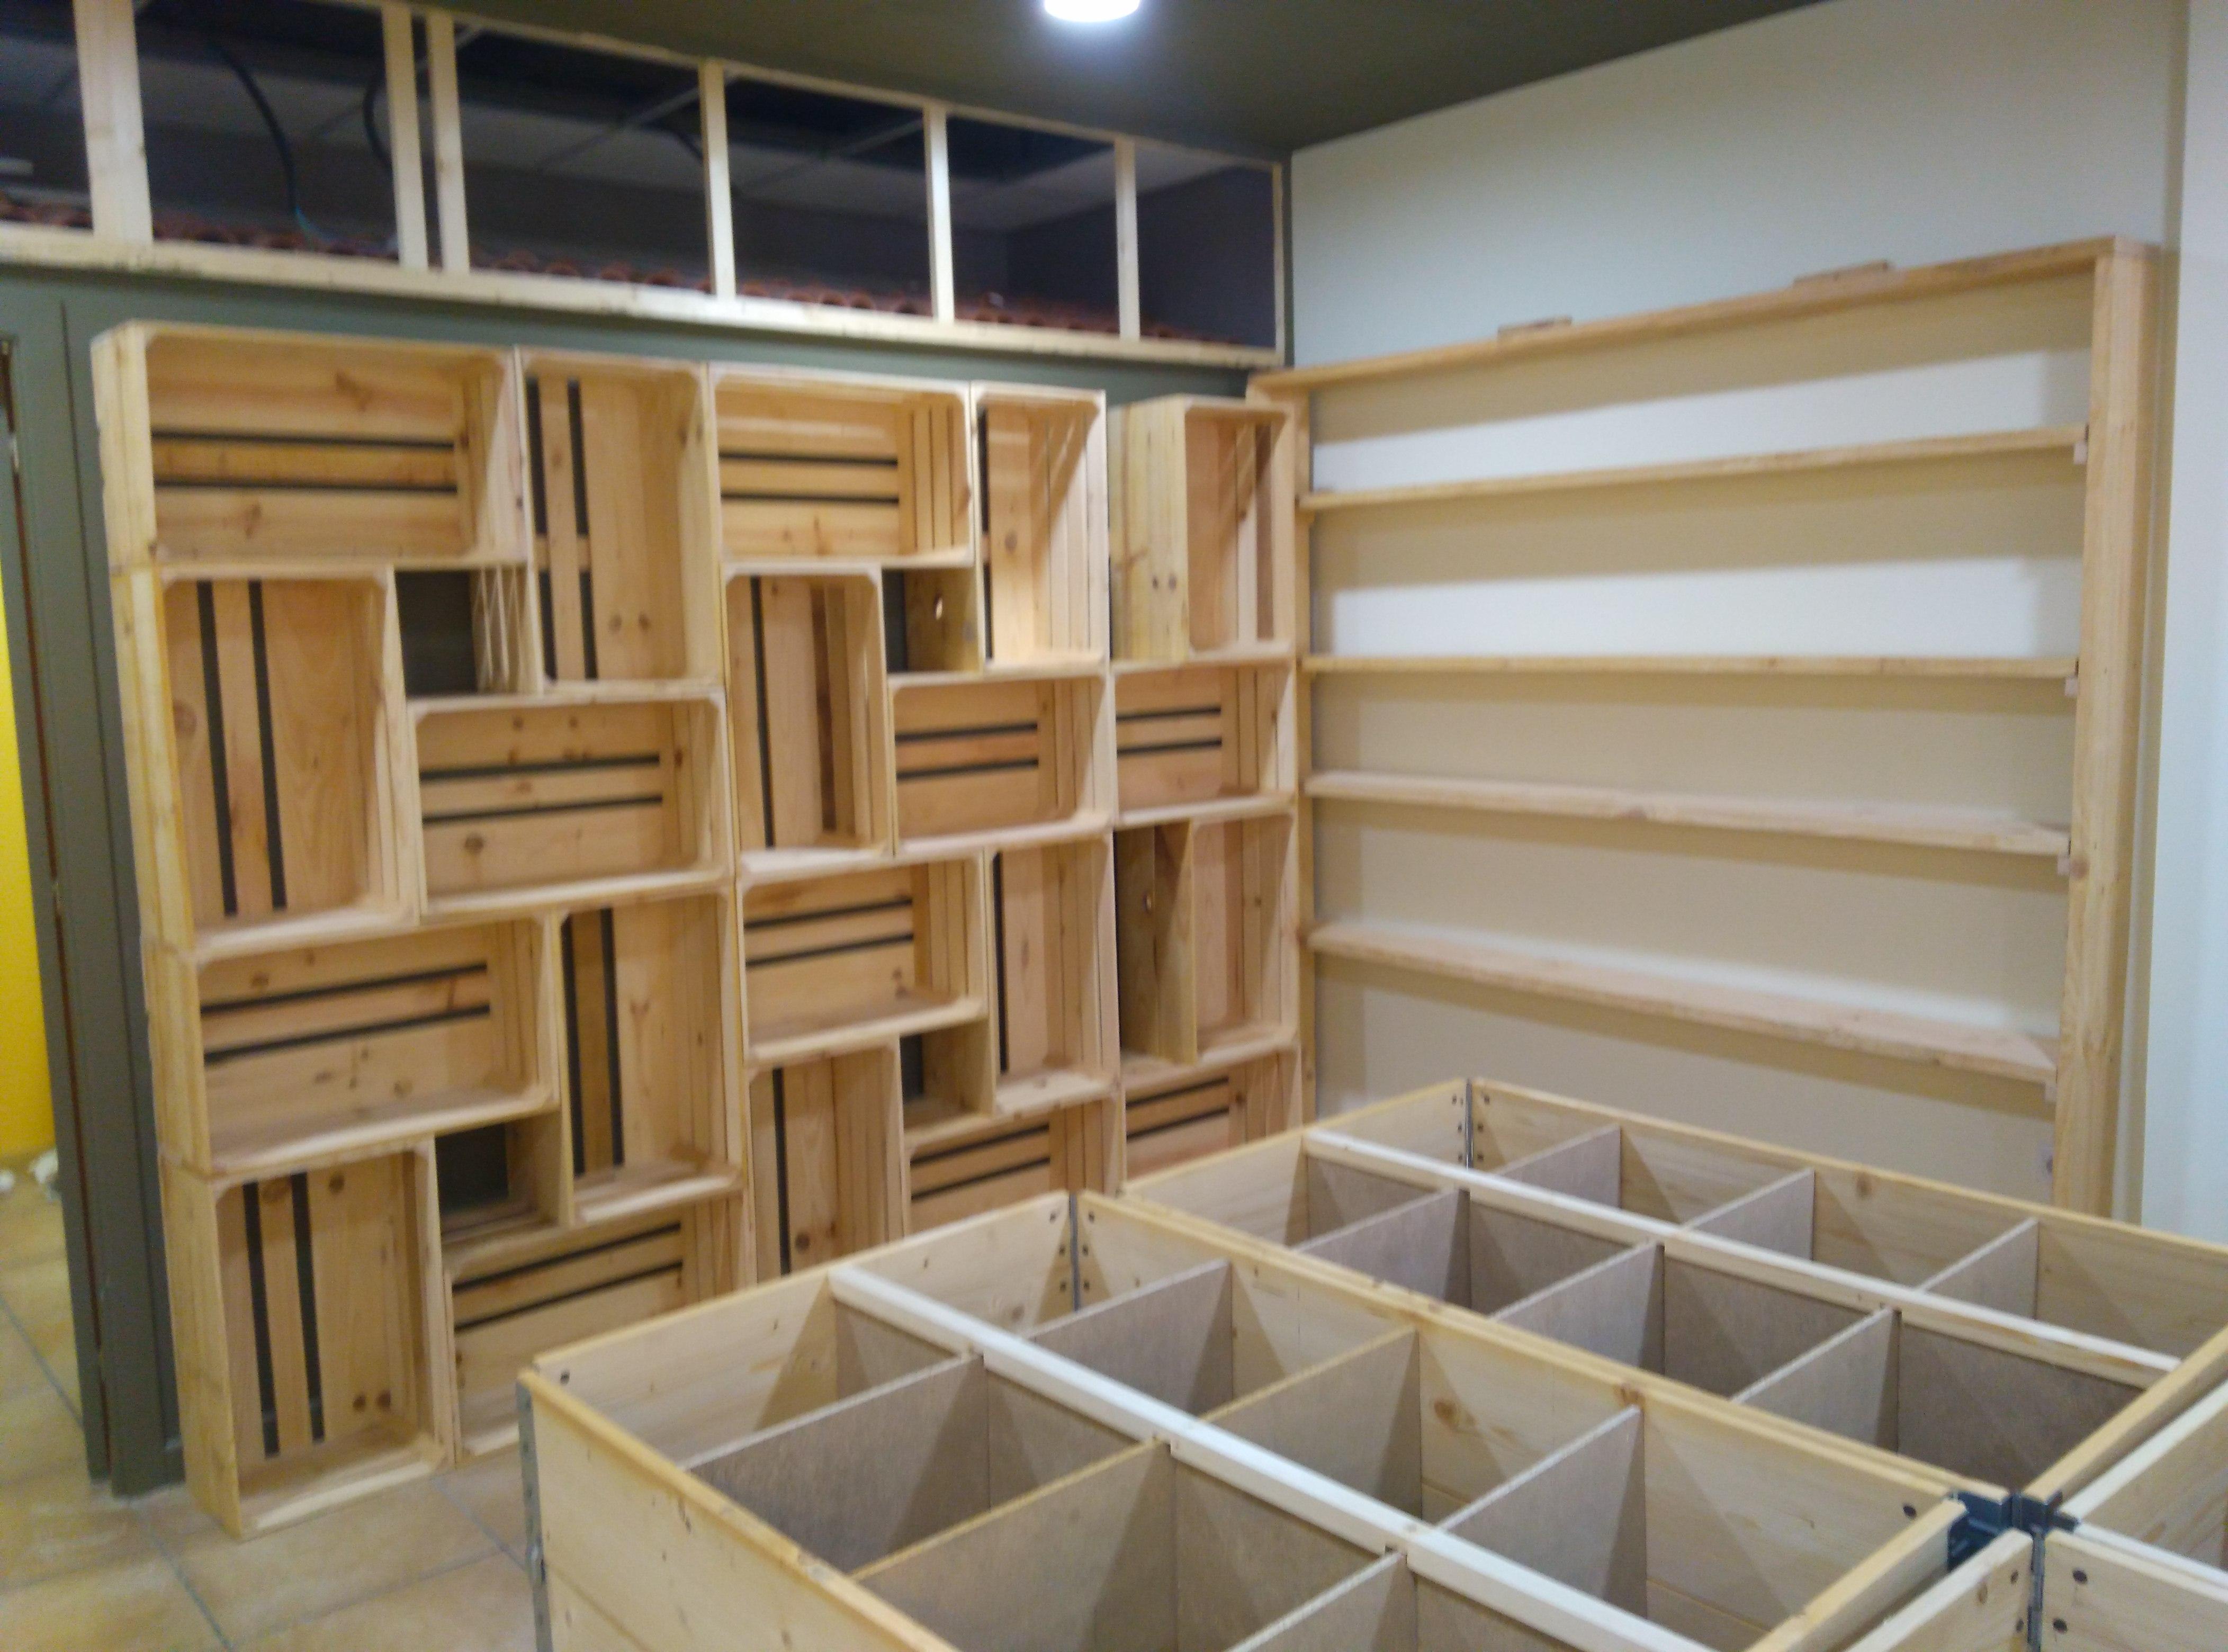 Estantería cajas de madera